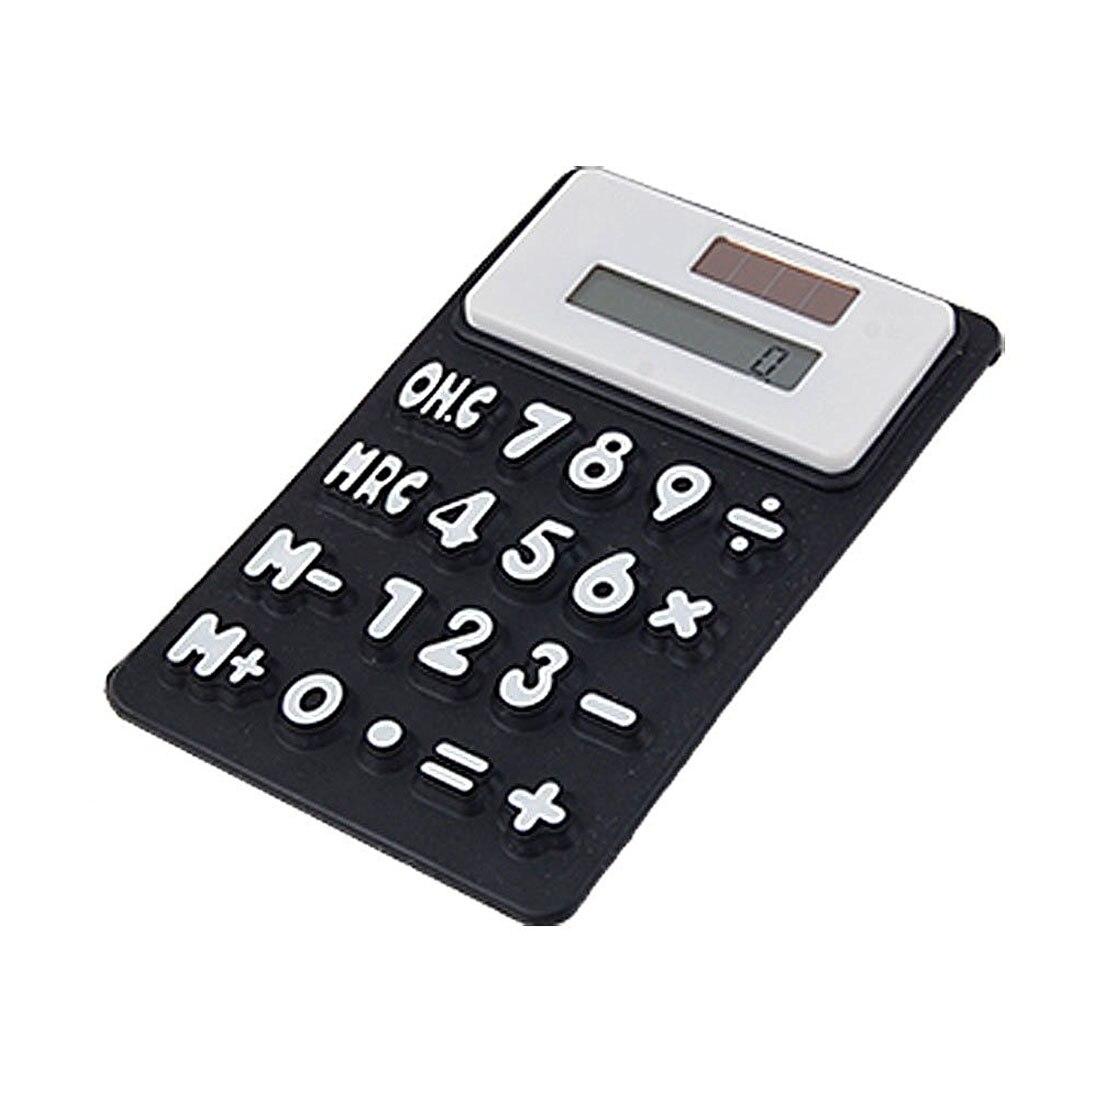 Силиконовые магнитный холодильник Стикеры 8 цифр калькулятор, черный